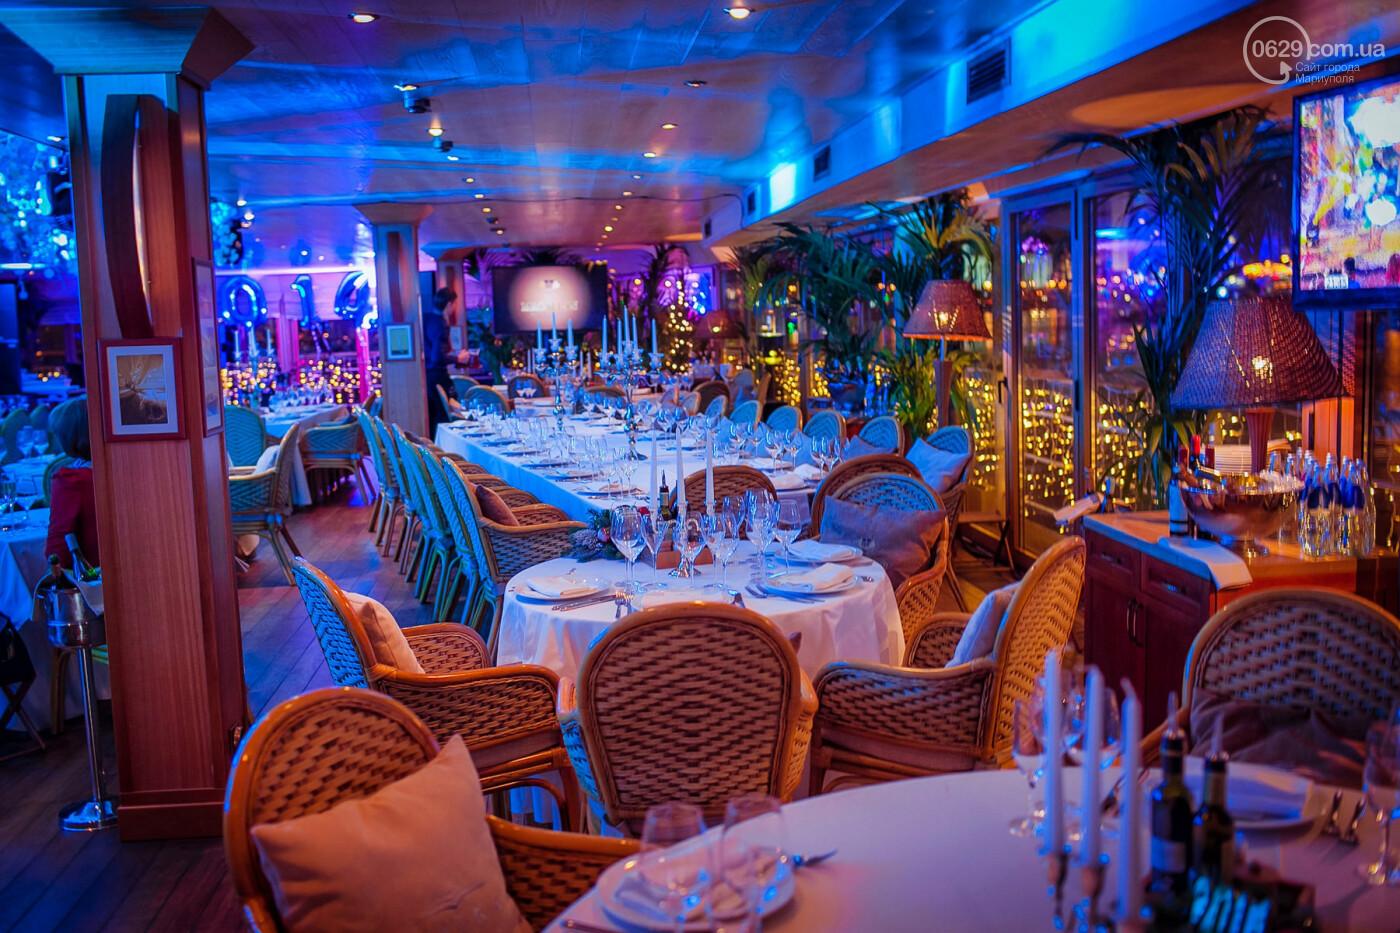 Сколько стоит новогодняя ночь в ресторанах Мариуполя, фото-3